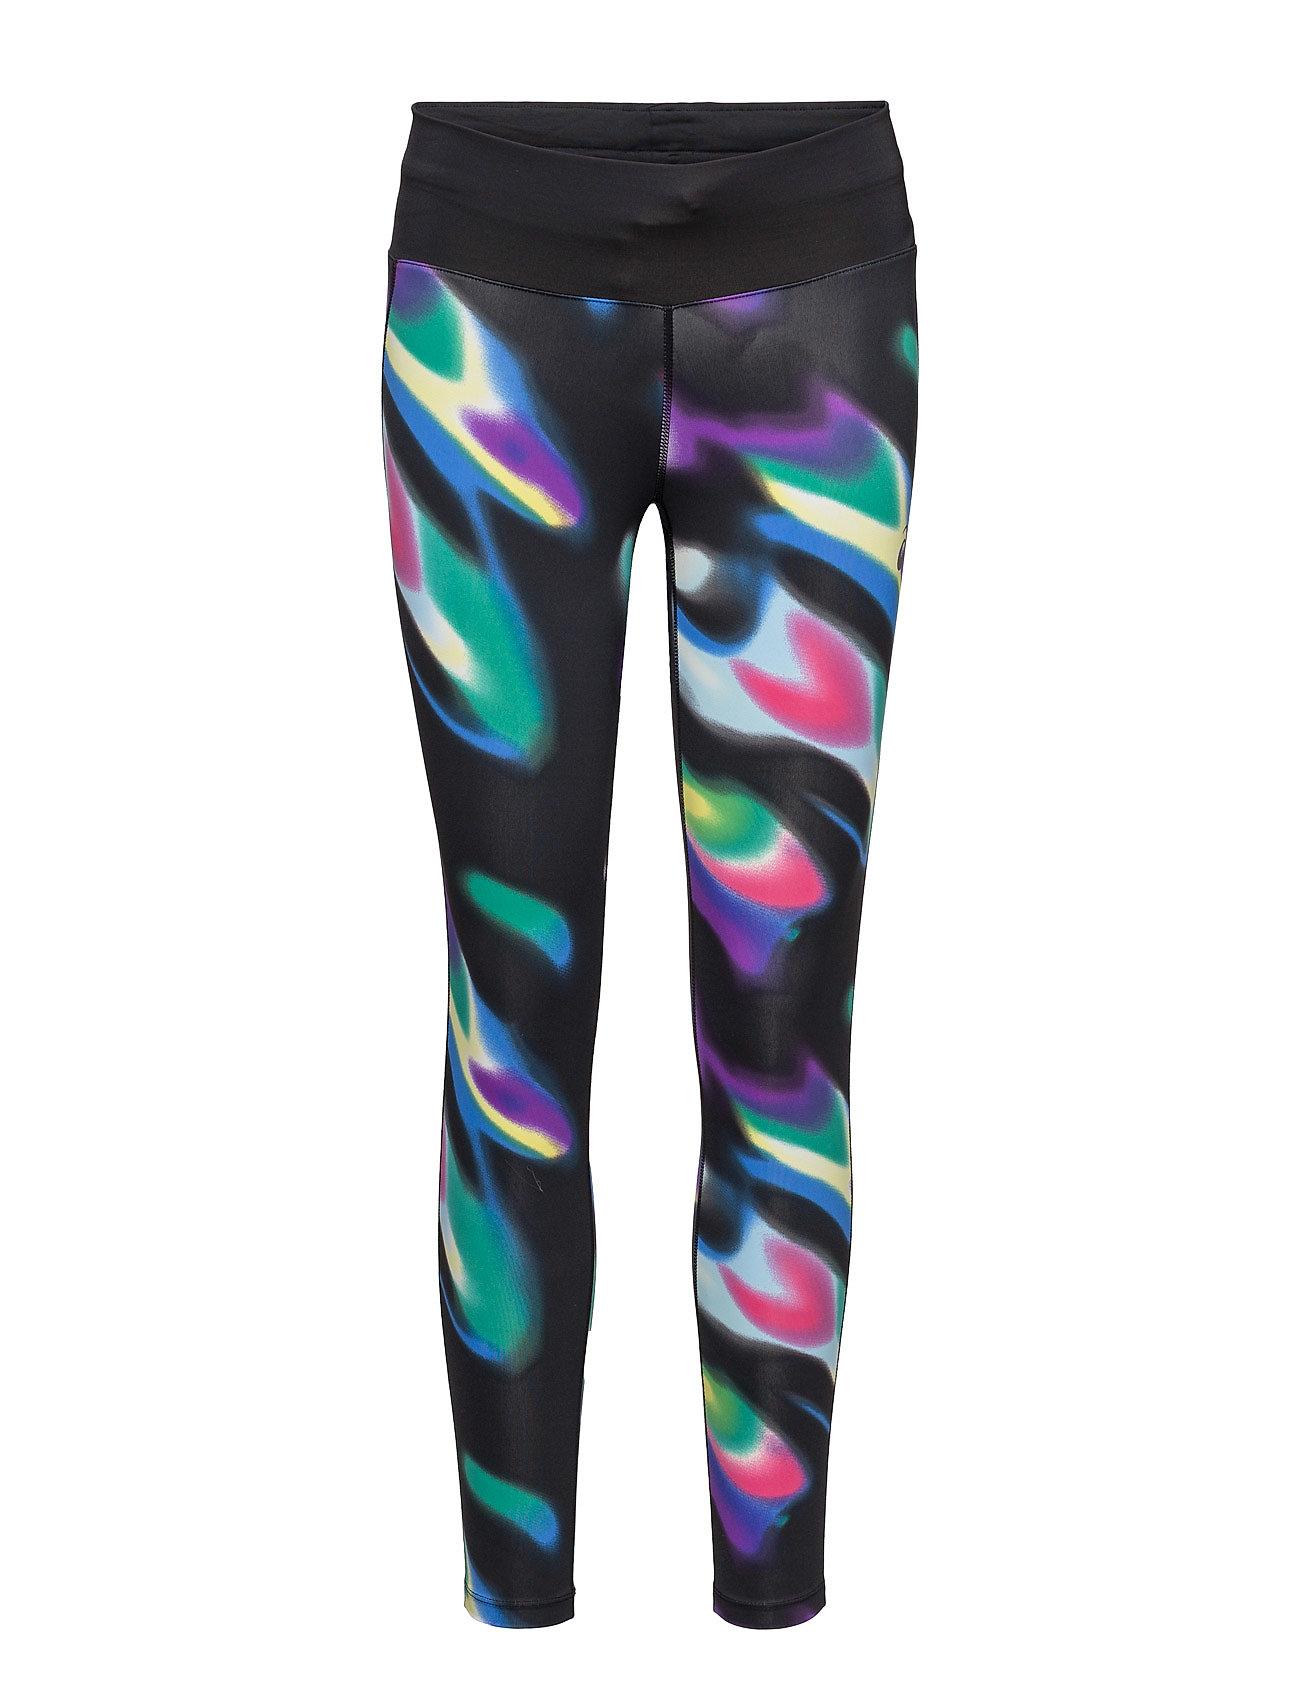 Fuzex 7/8 Tight Asics Trænings leggings til Damer i